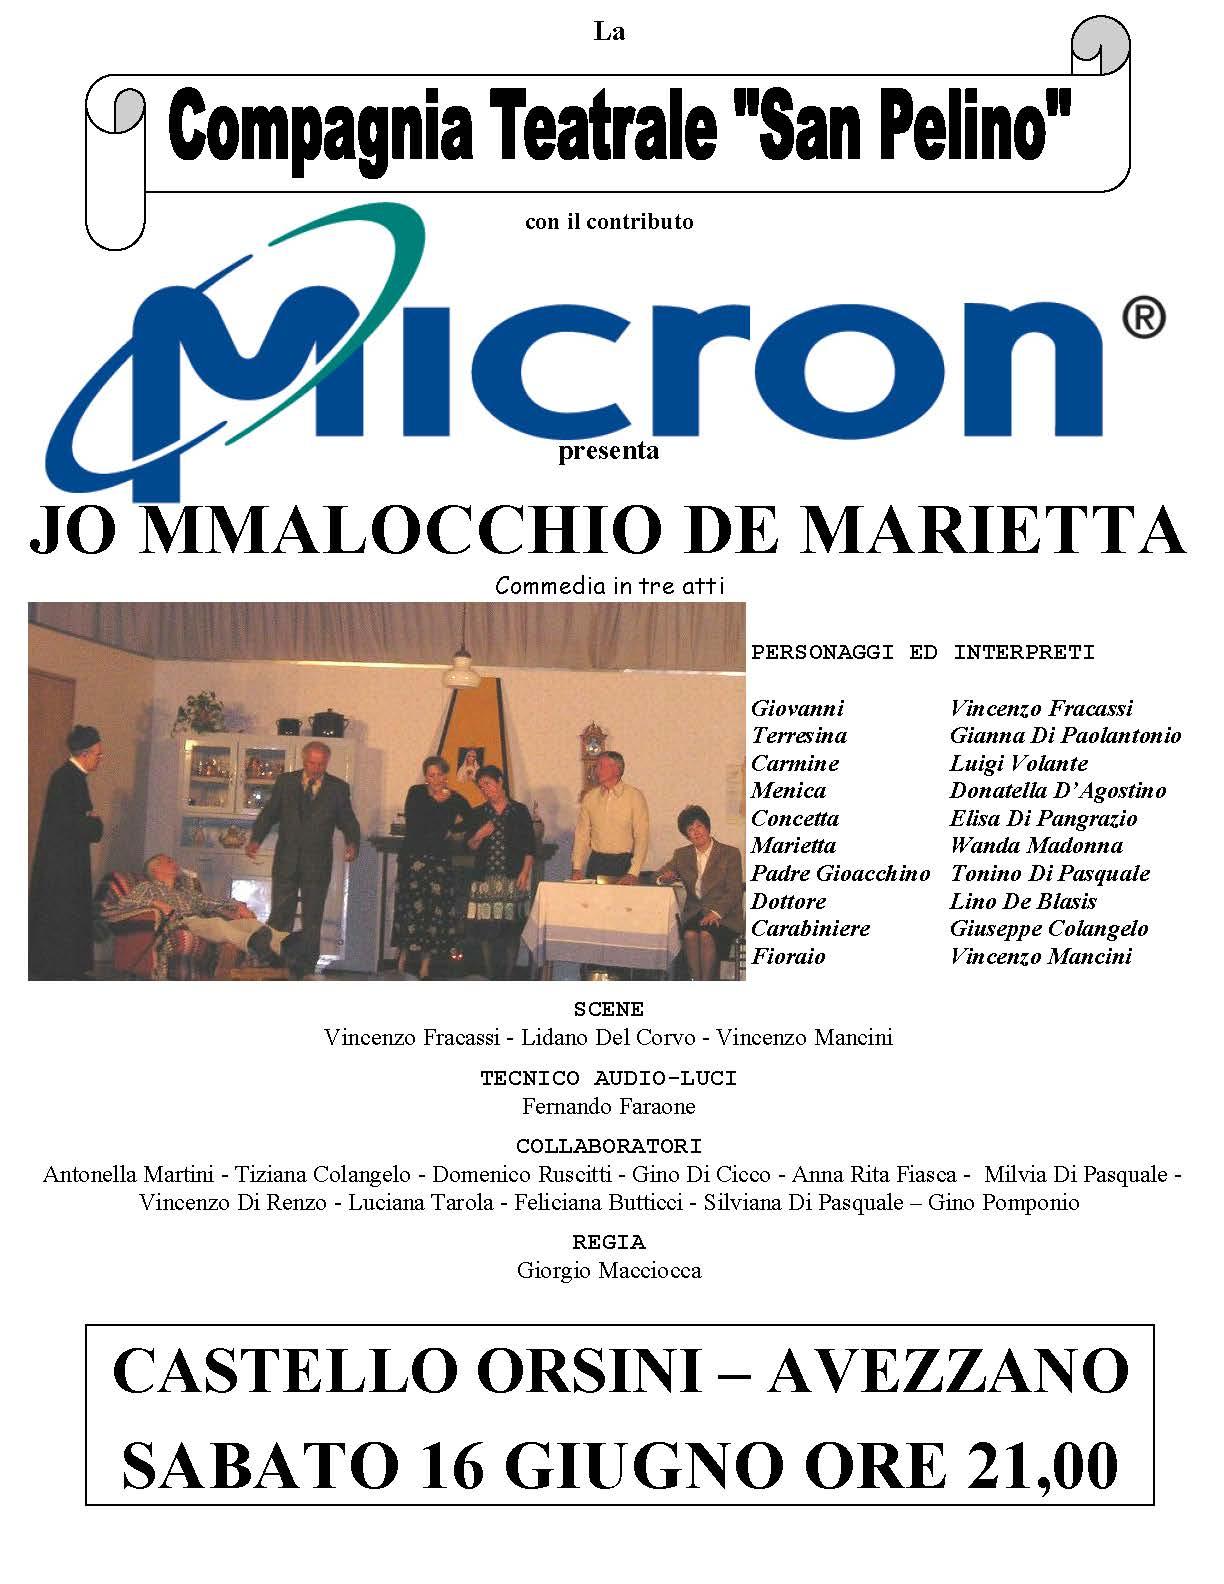 Jo Malocchio 2007